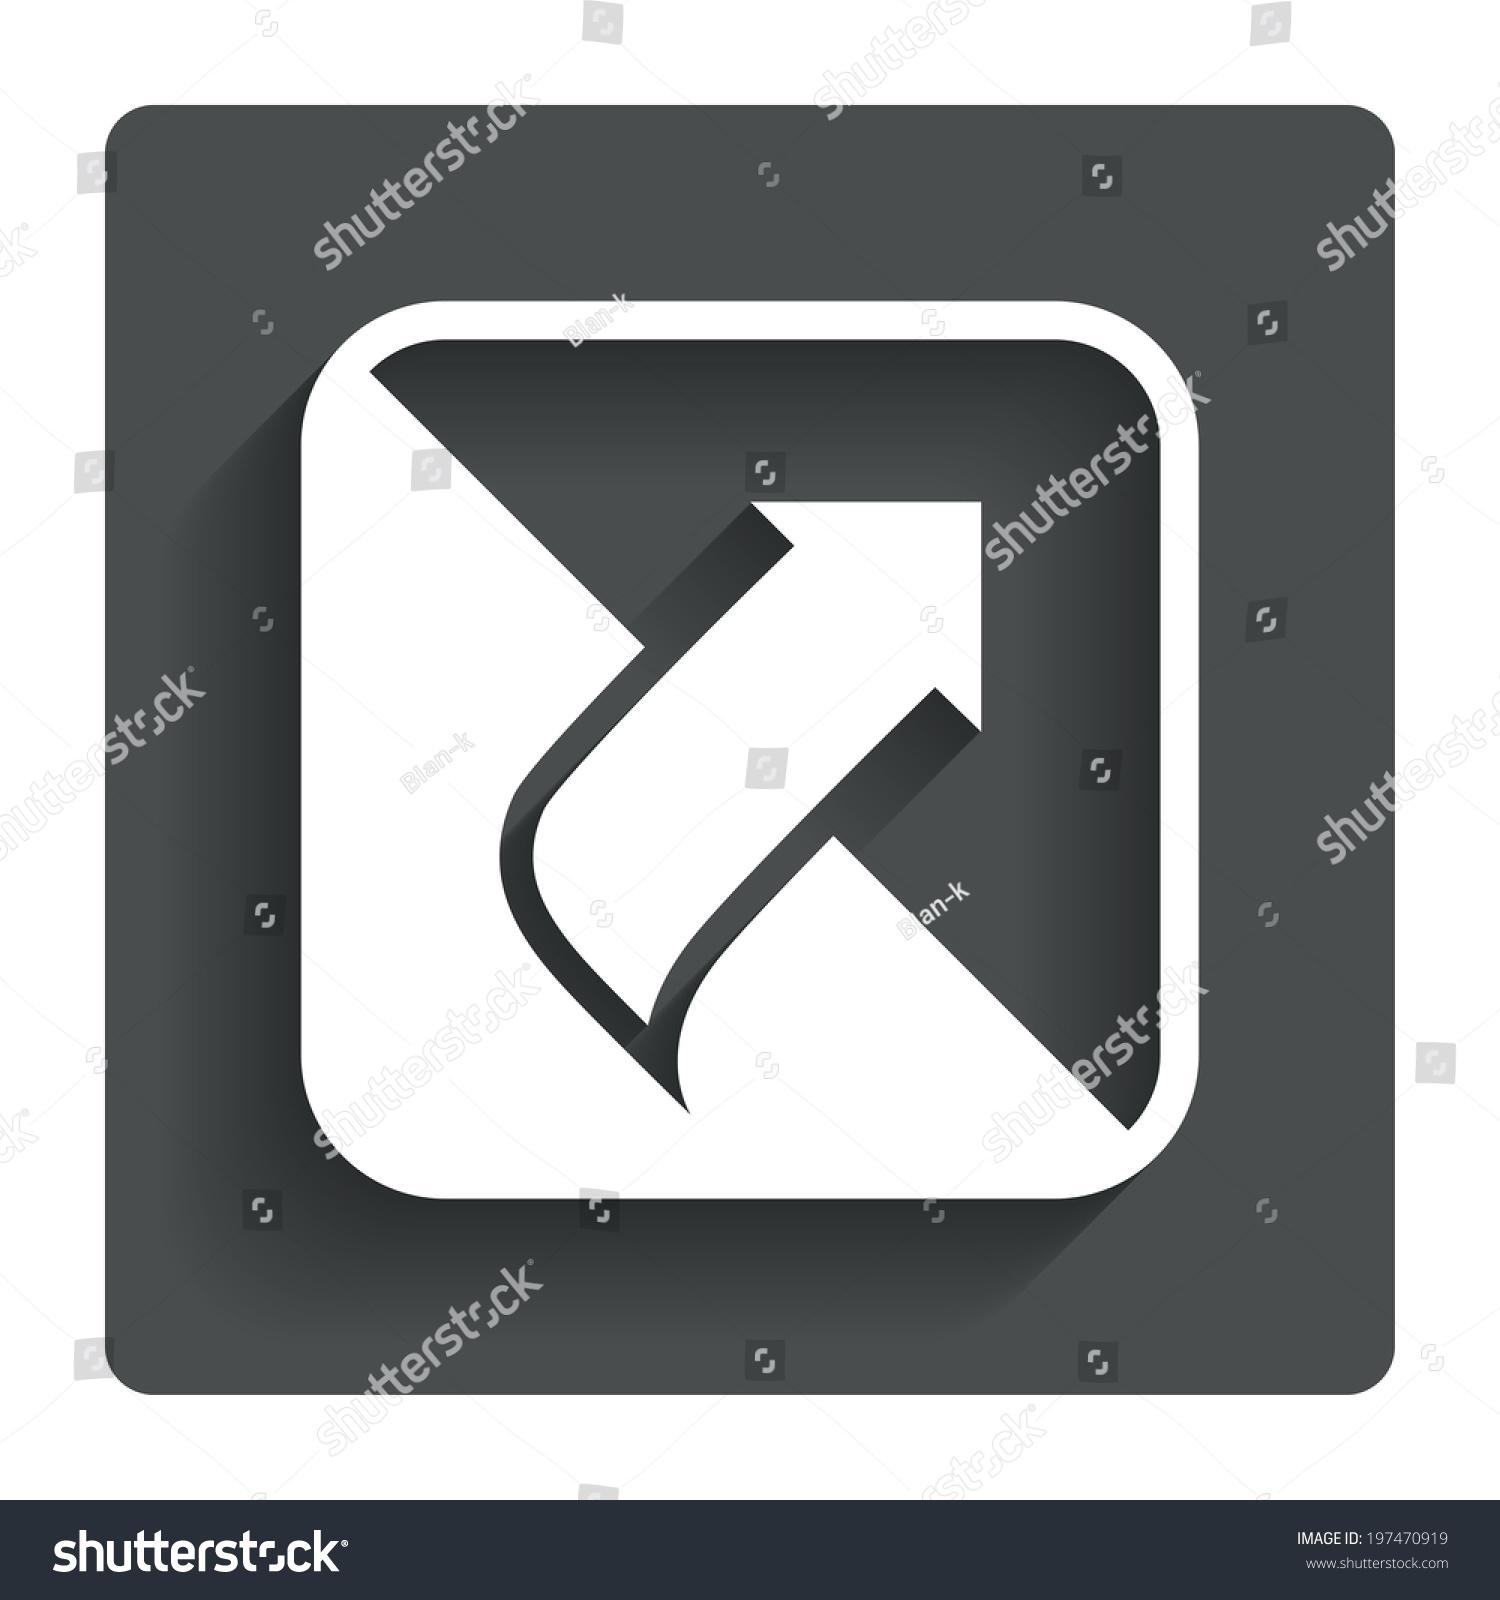 image file name eU3o